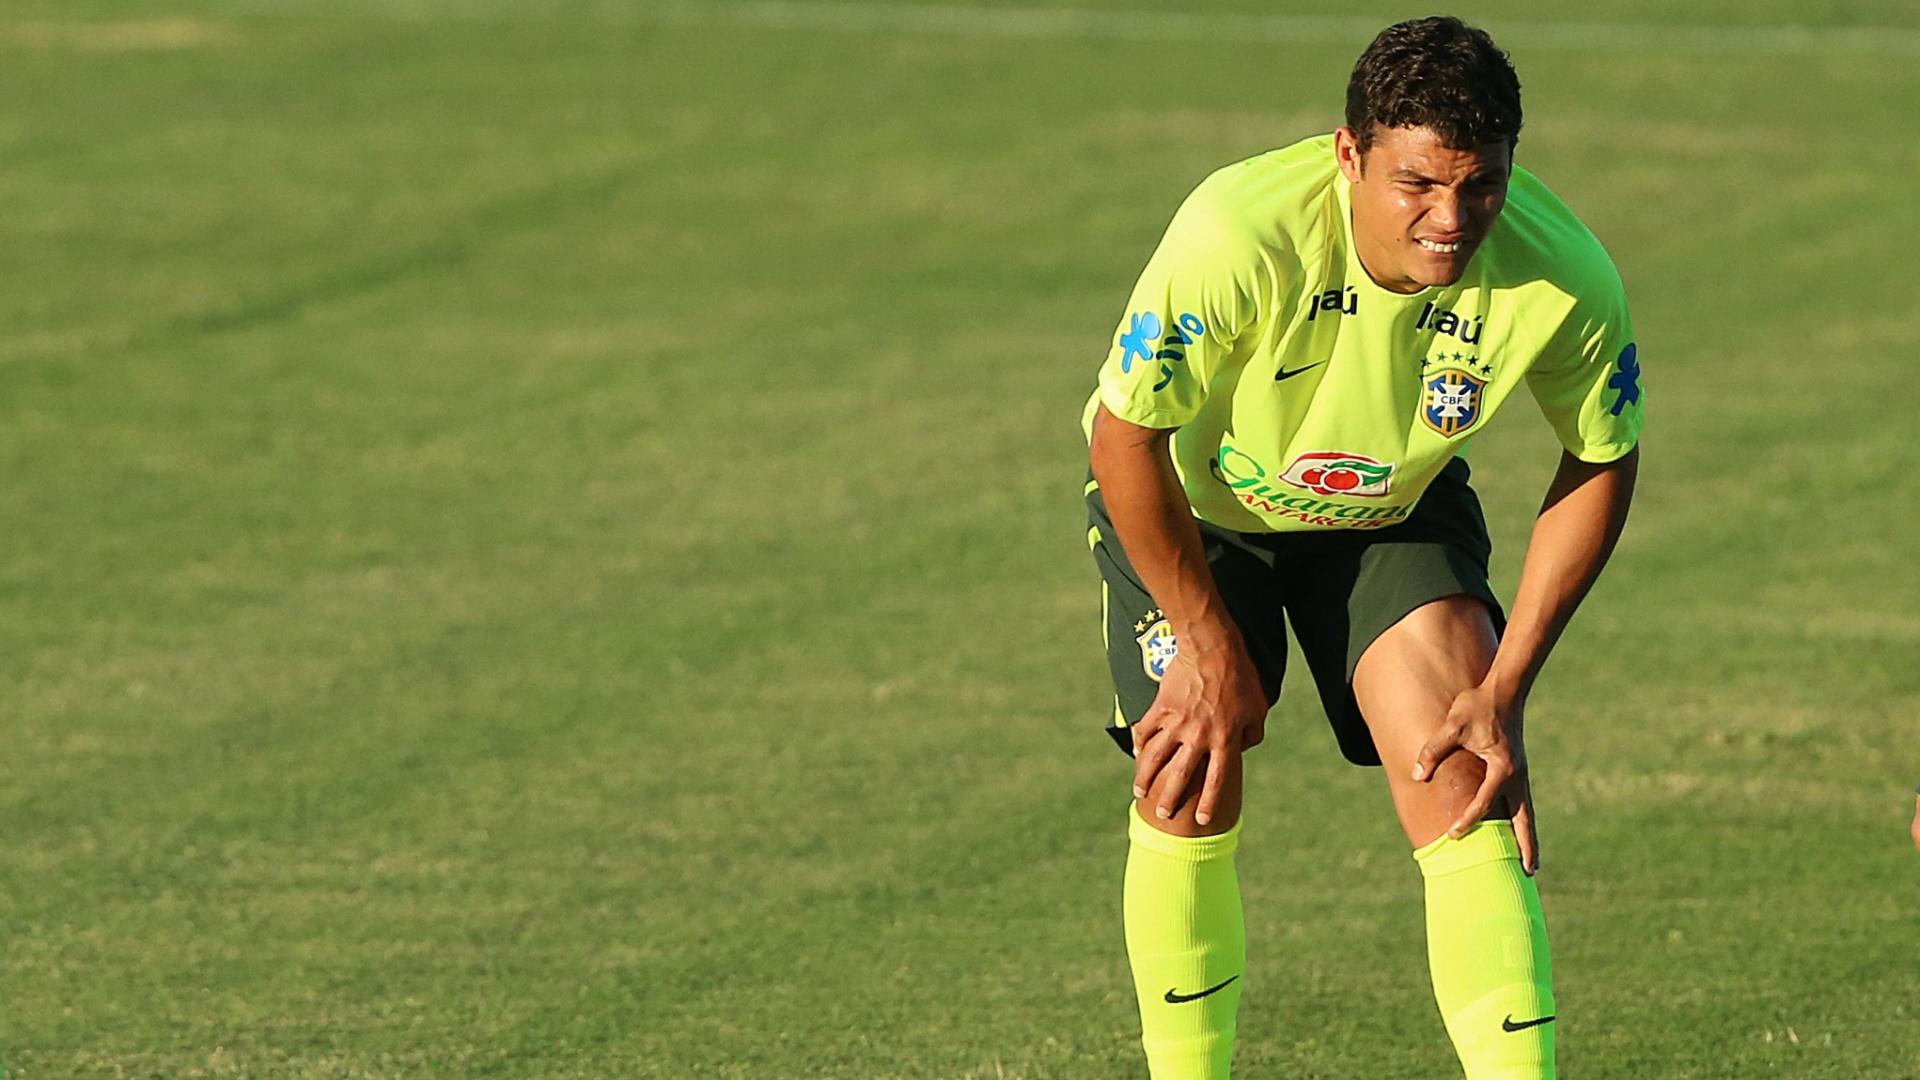 03.jul.2014 - Thiago Silva participa de treinamento na véspera da partida de quartas de final da Copa, contra a Colômbia. O jogo será no Castelão